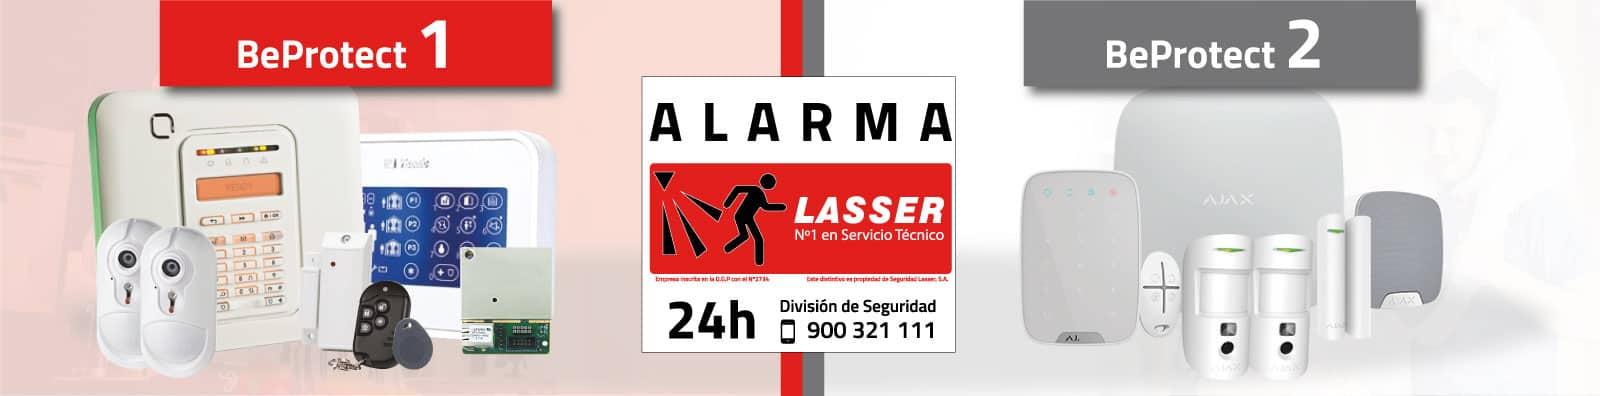 banner-gama-beprotect-opciones-alarma-hogar